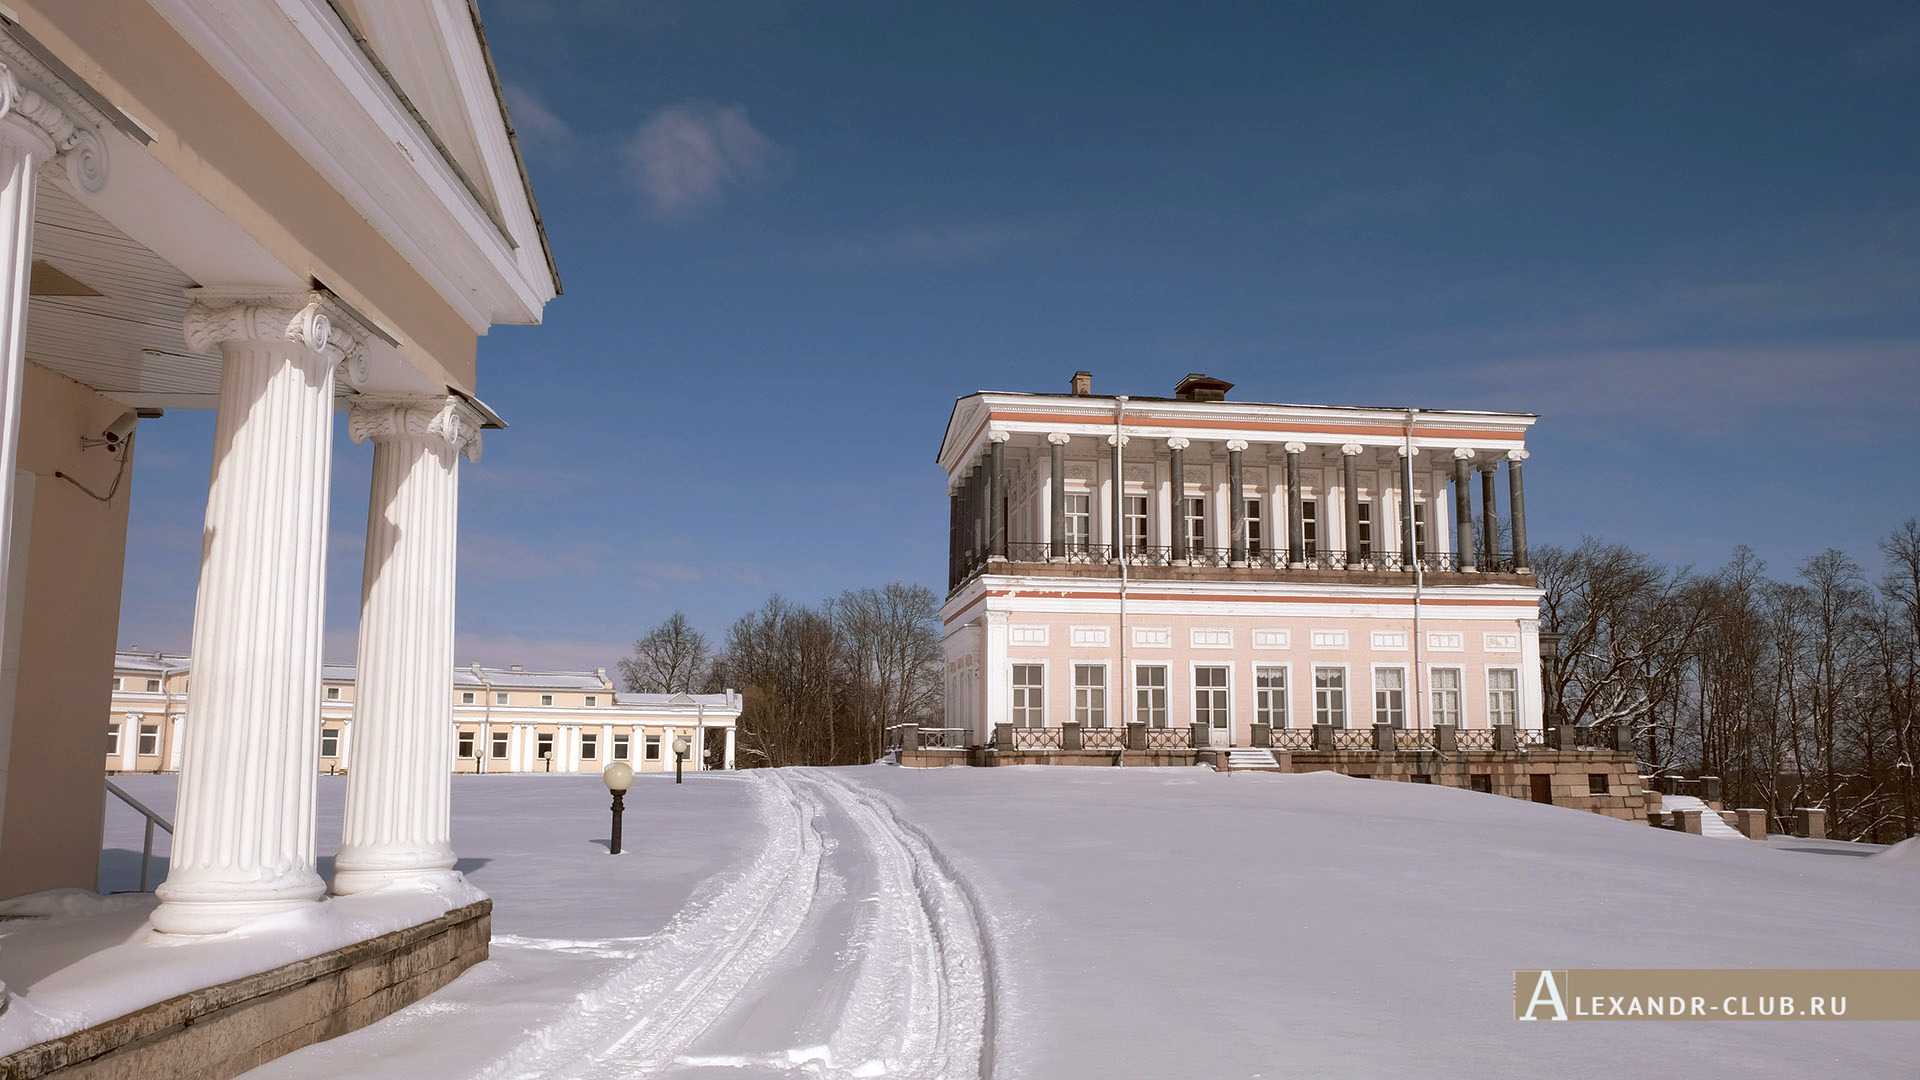 Петергоф, Луговой парк, зима, дворец Бельведер – 5